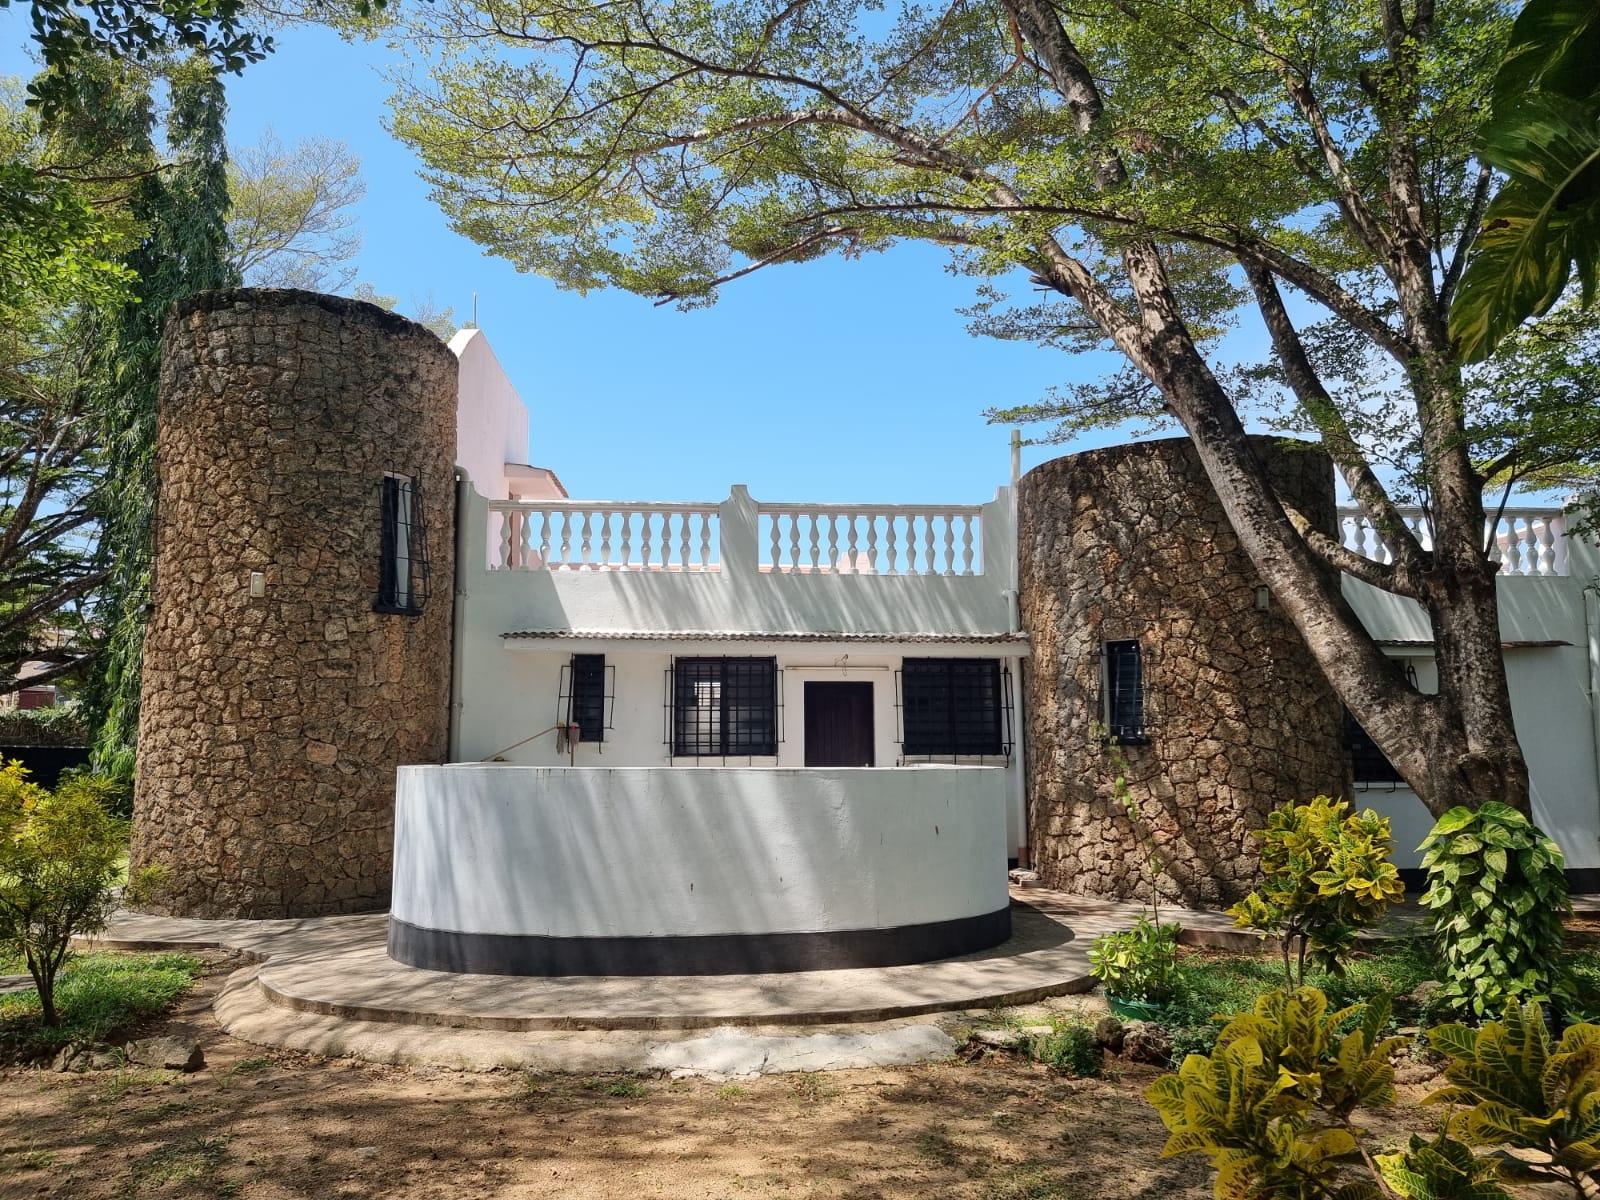 3 br house for Rent in Mtwapa Behind kenol